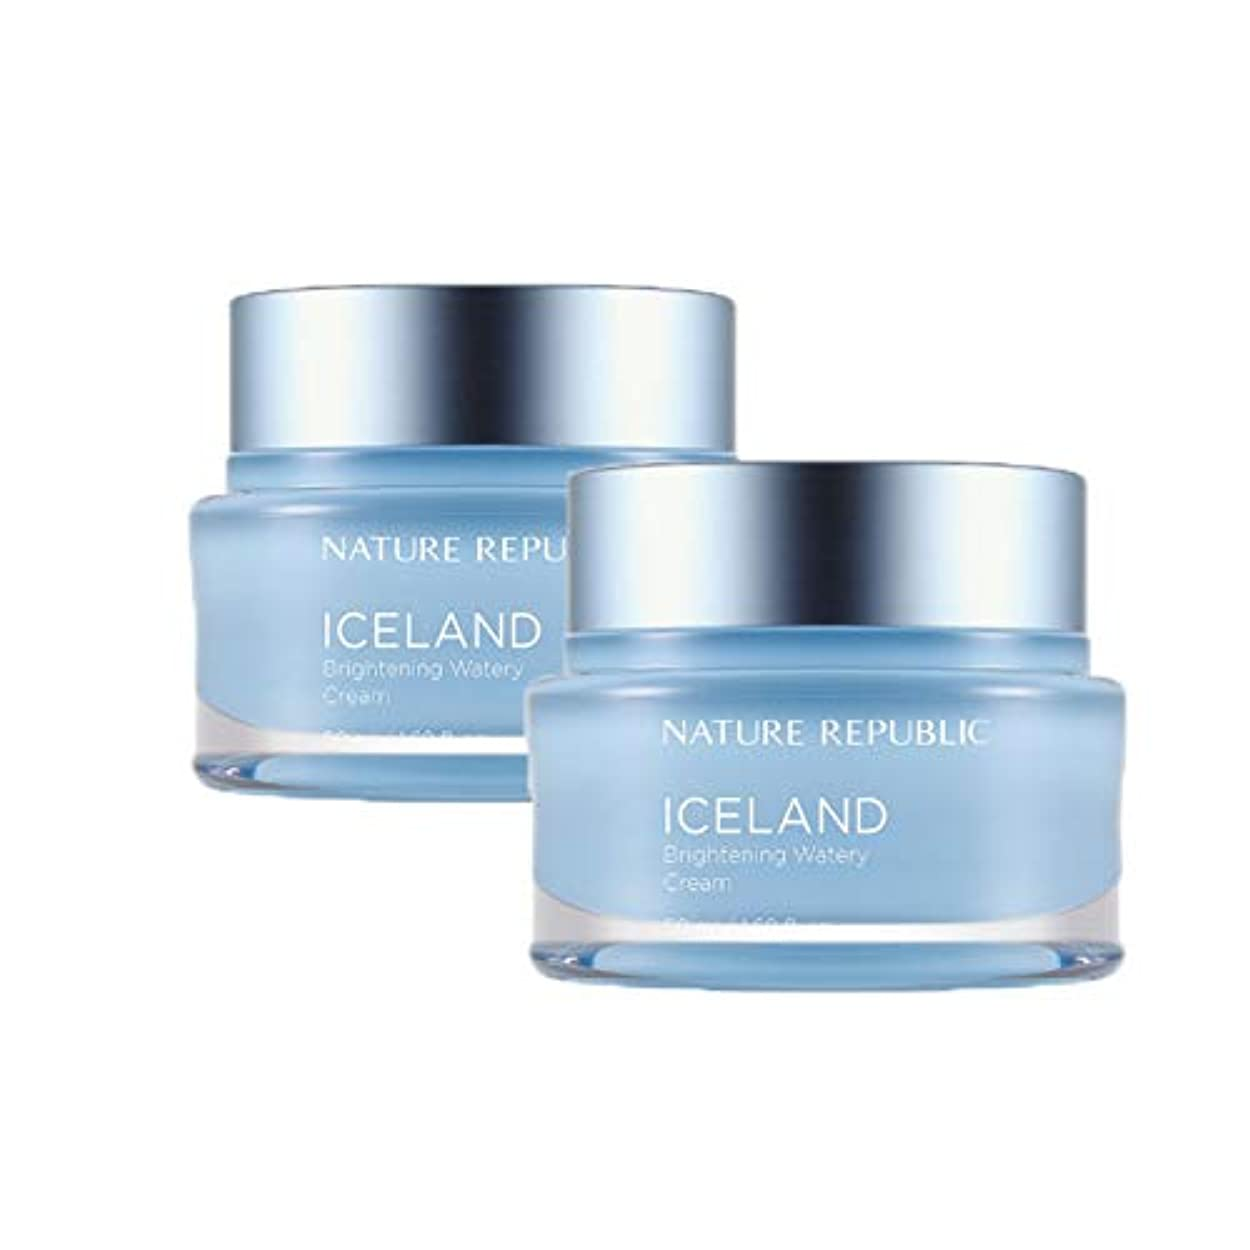 ディスカウント歌波ネイチャーリパブリックアイスランドブライトニング水分クリーム50mlx2本セット韓国コスメ、Nature Republic Iceland Brightening Watery Cream 50ml x 2ea Set...